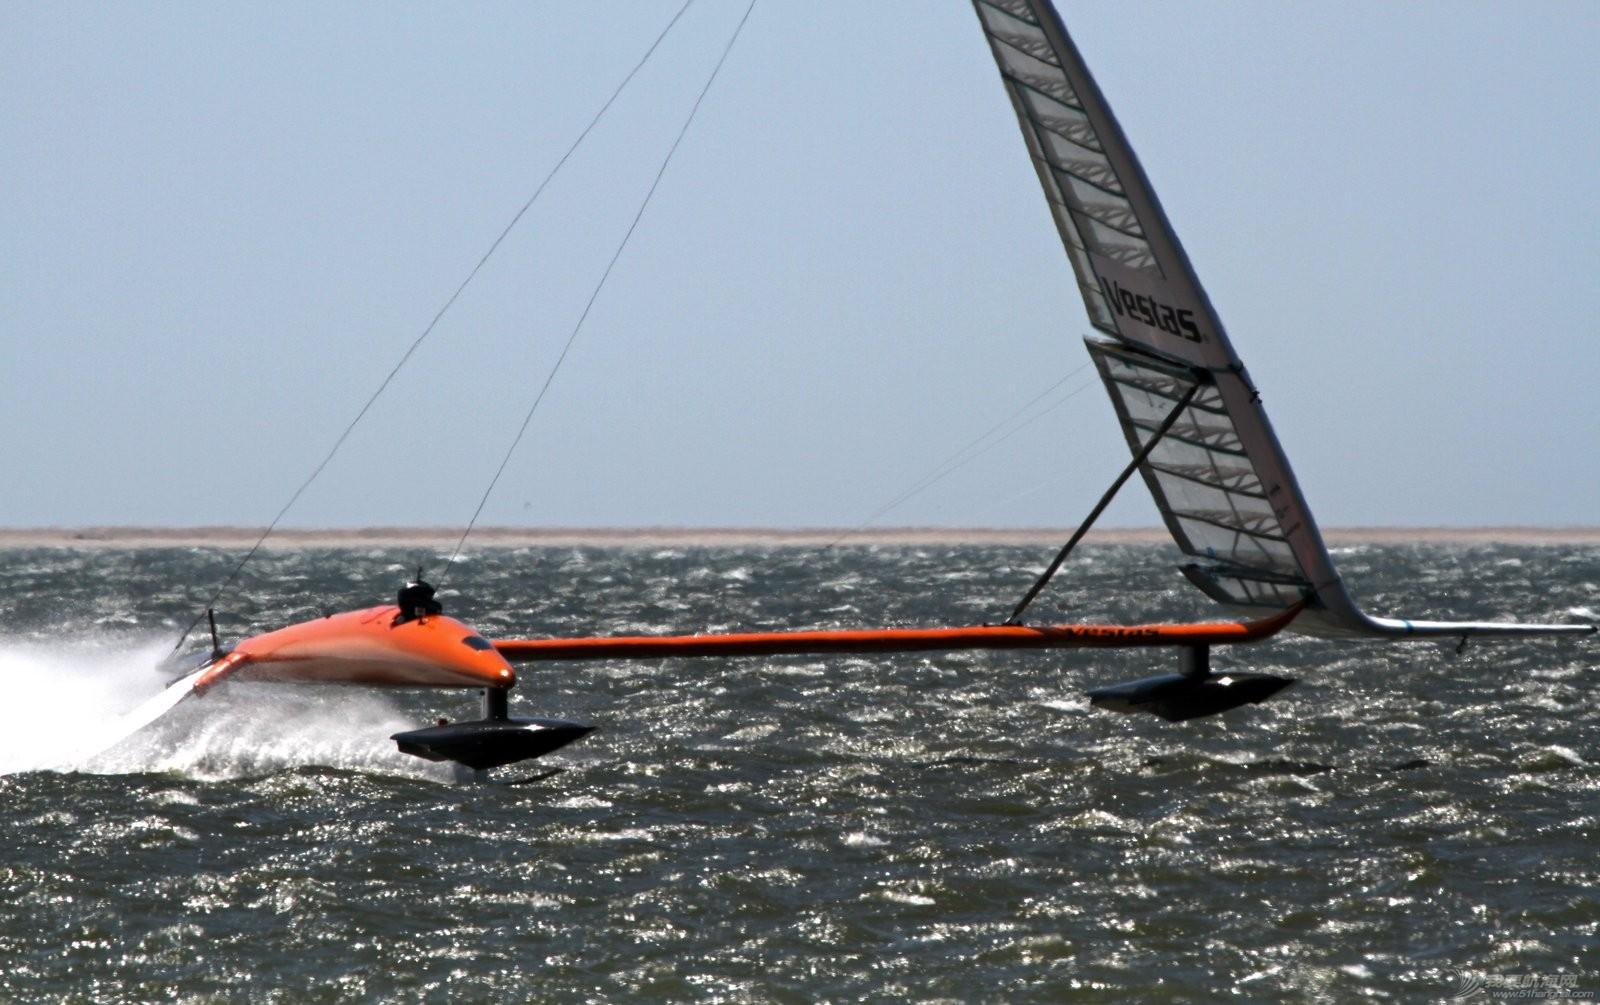 """帆船运动,美洲杯,旧金山,全世界,系列赛 帆船也能""""飞""""?---最具代表性的12艘水翼帆船 f7c20111b9f75ae2a9f51a12f50e0951.jpg"""